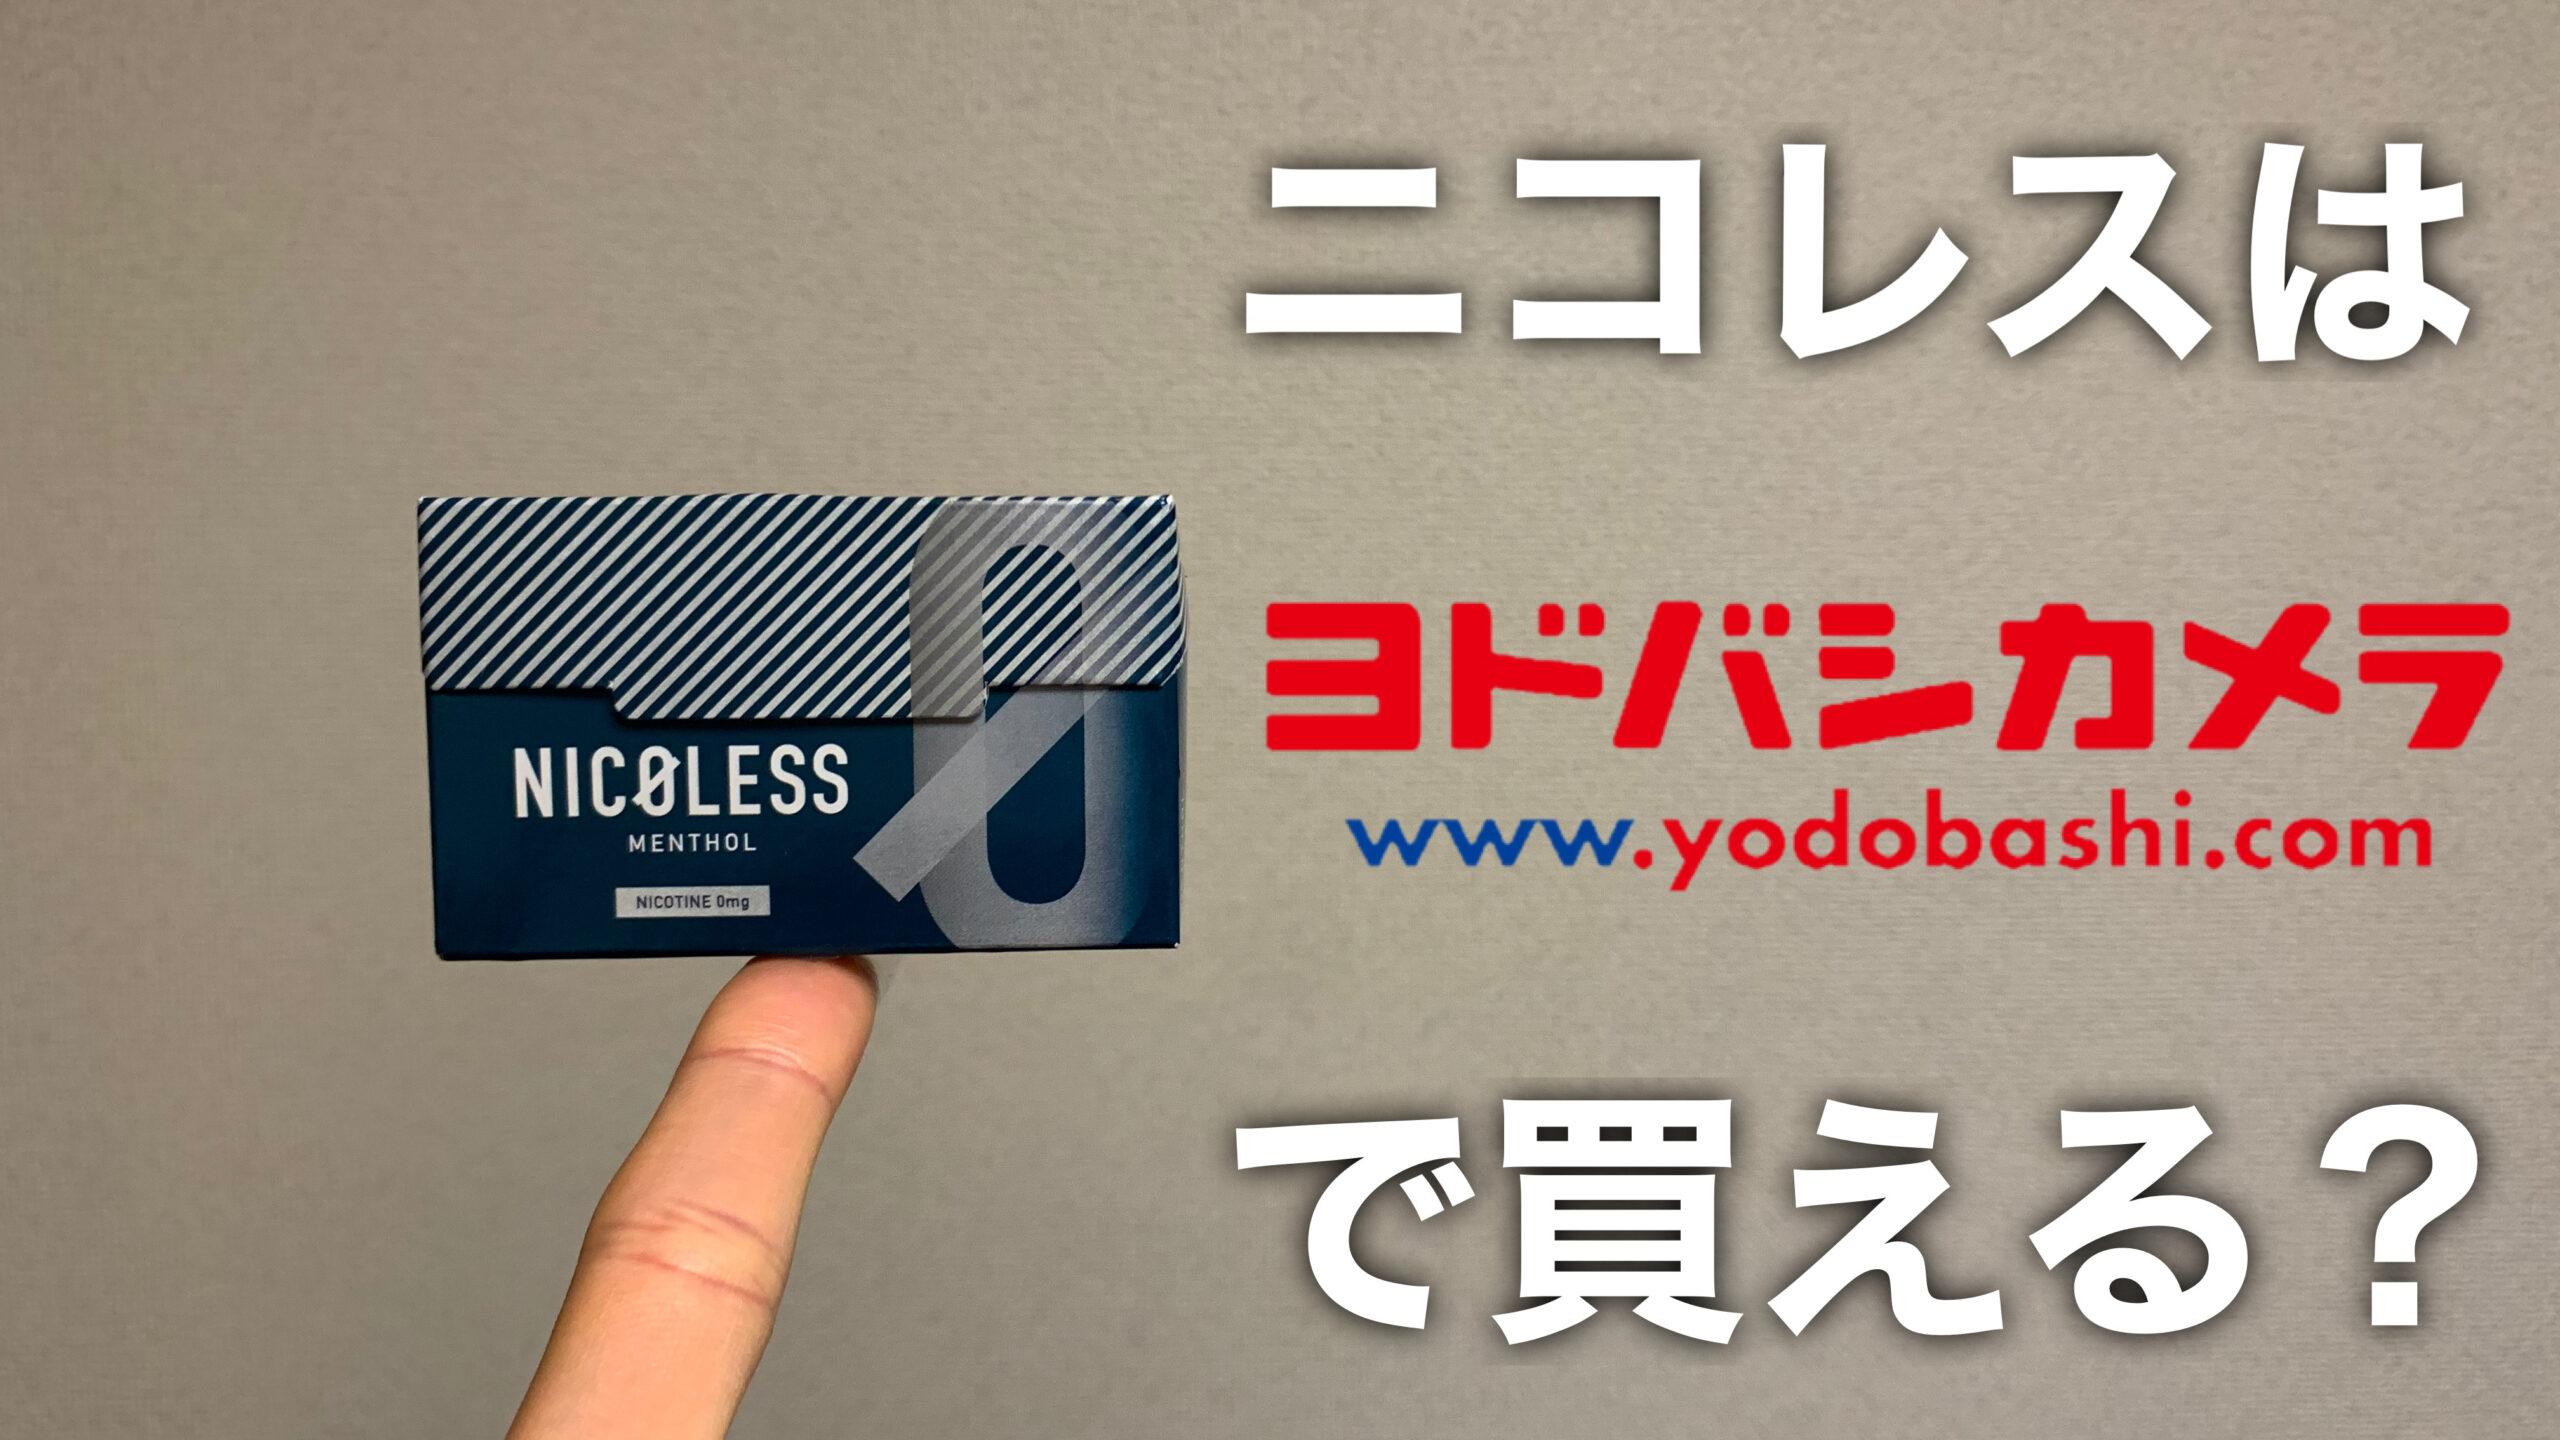 nicoless-yodobashi eyecatch